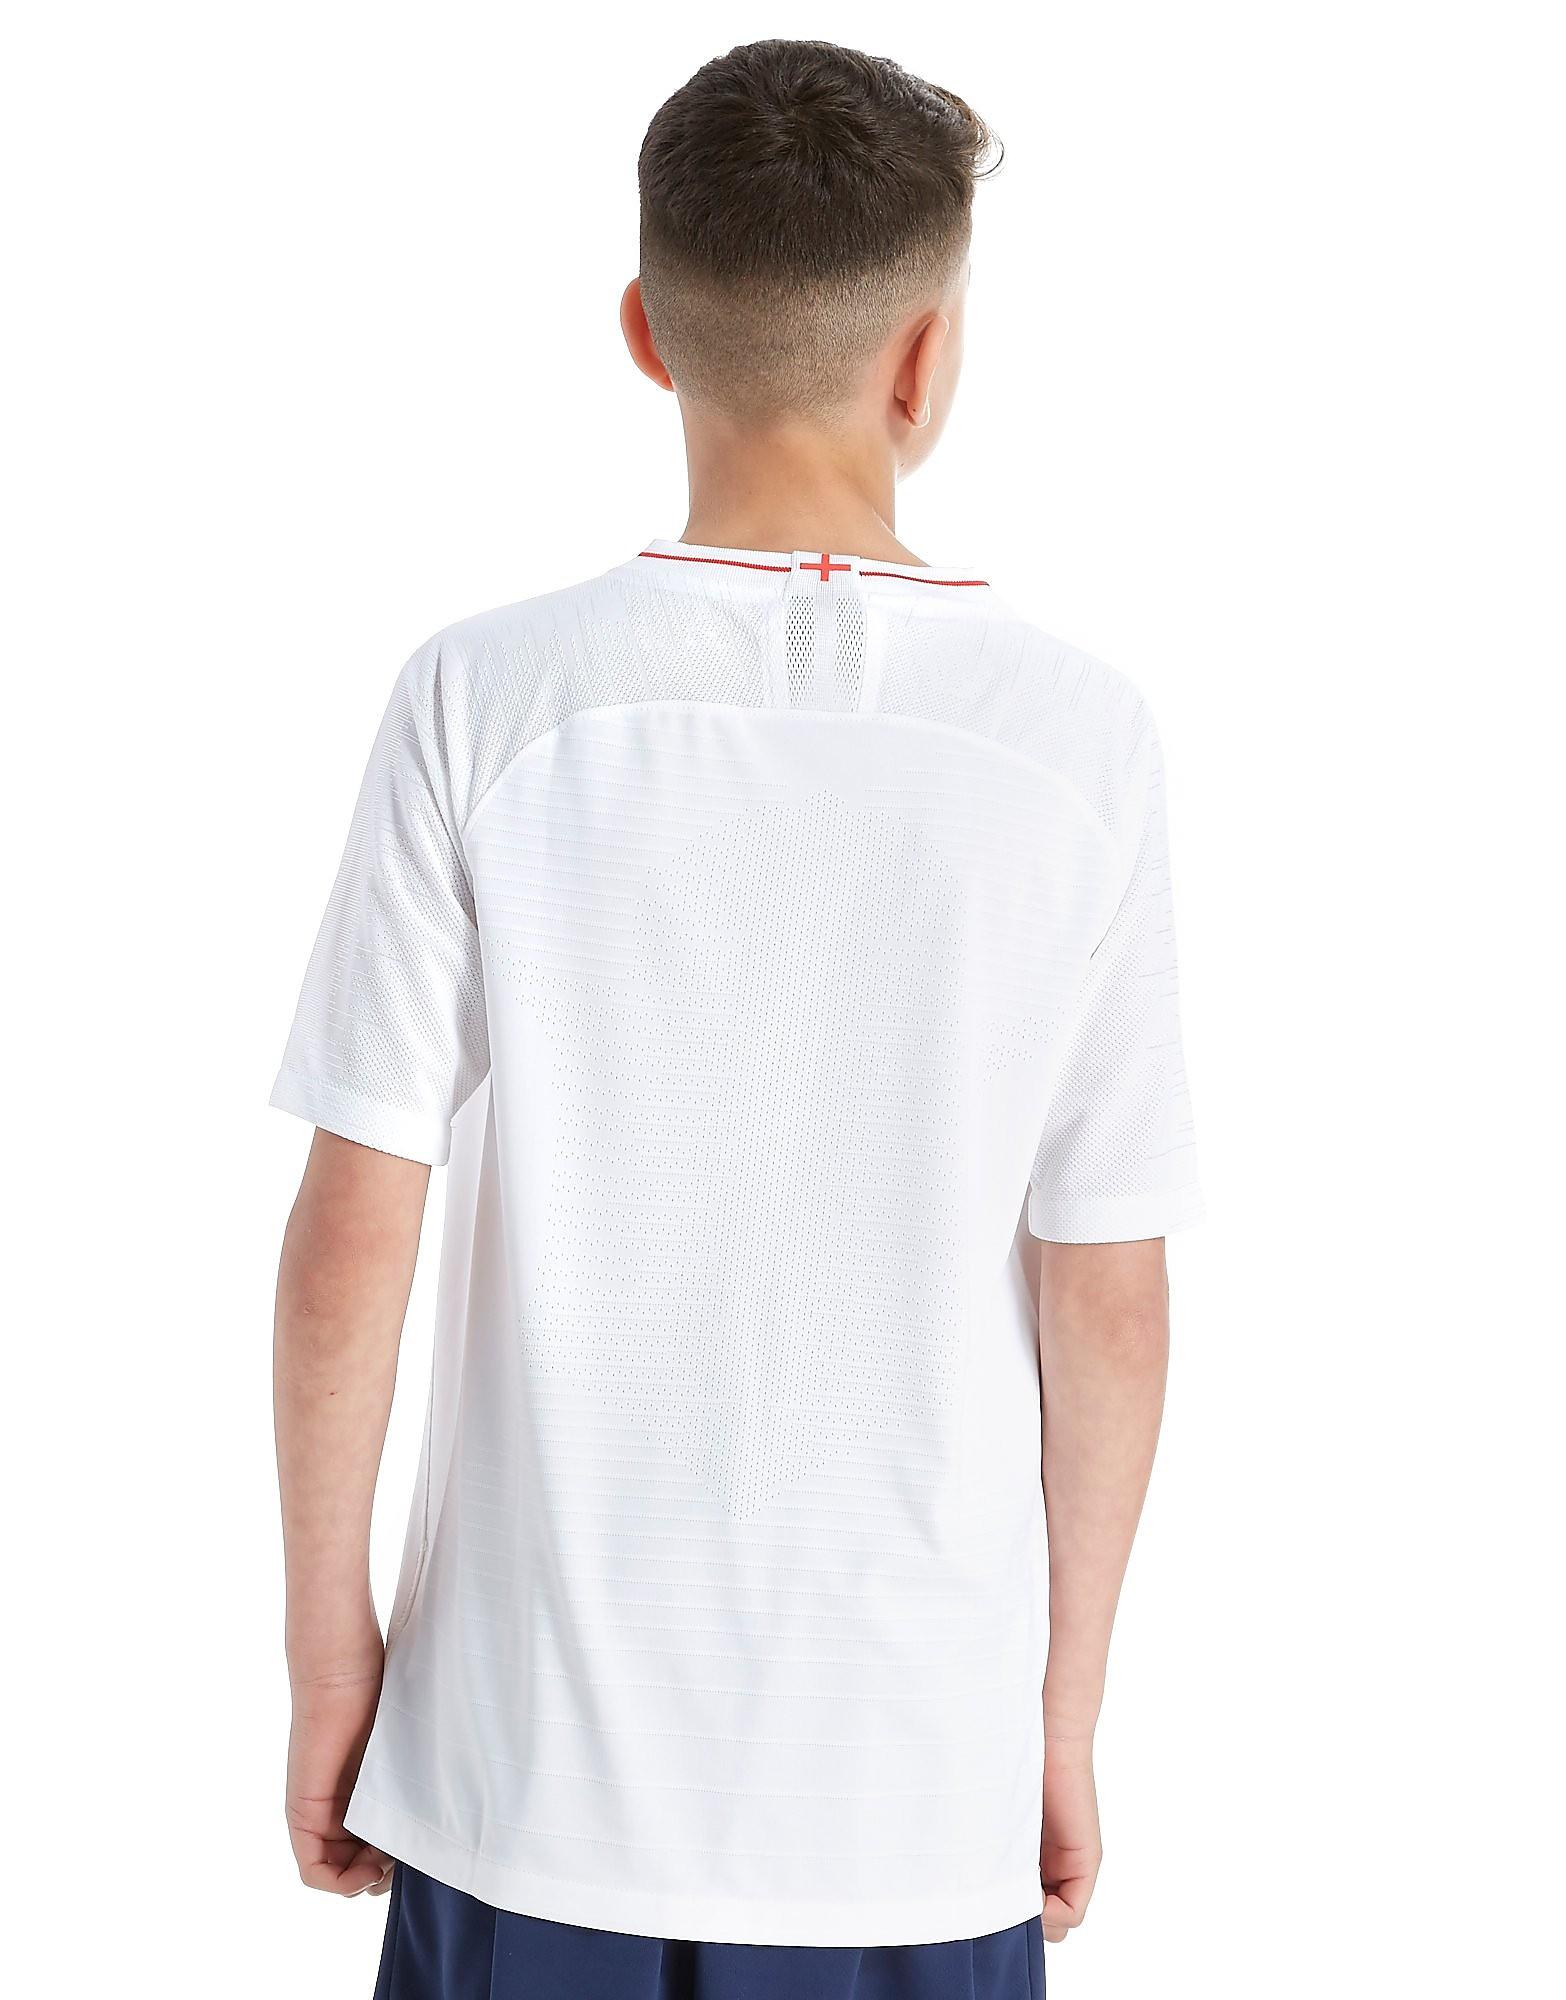 Nike England 2018 Home Vapor Shirt Junior